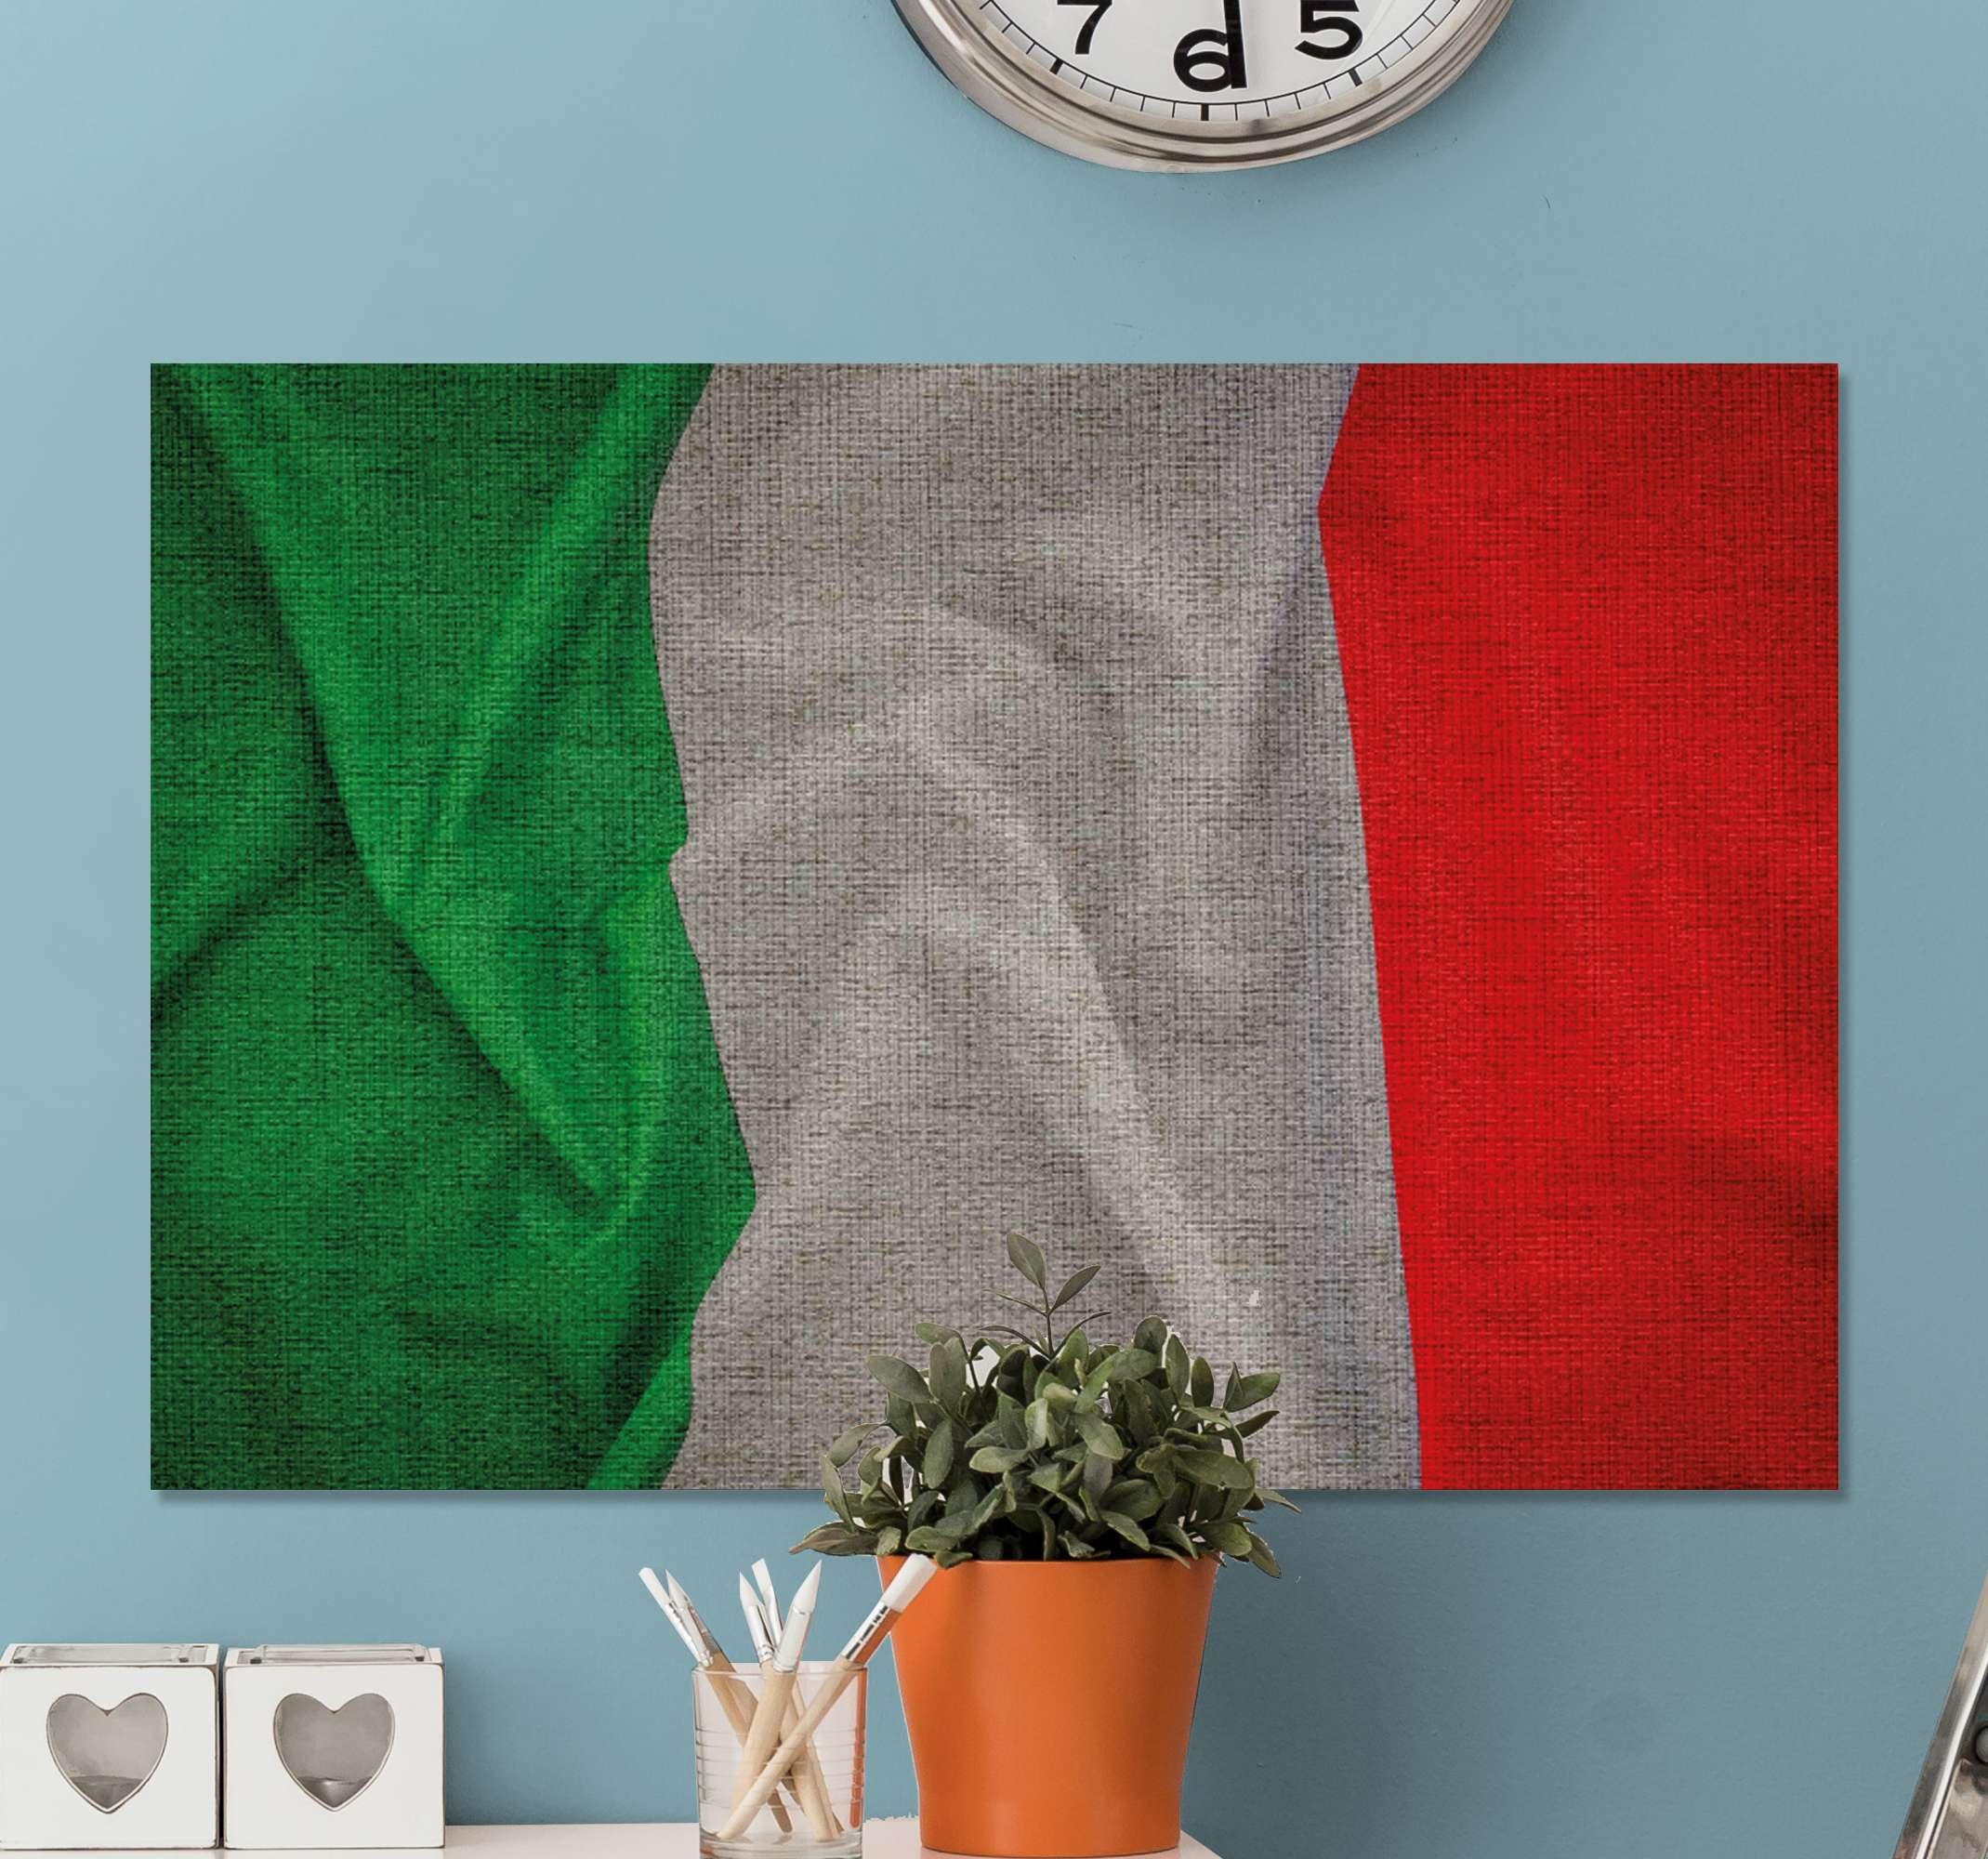 Tenstickers. Italienske flagg byens skyline utskrifter. Bestill italienske landflagg lerretstrykk av høyeste kvalitet online fra oss og få den levert på din adresse i løpet av få dager og i perfekt stand.